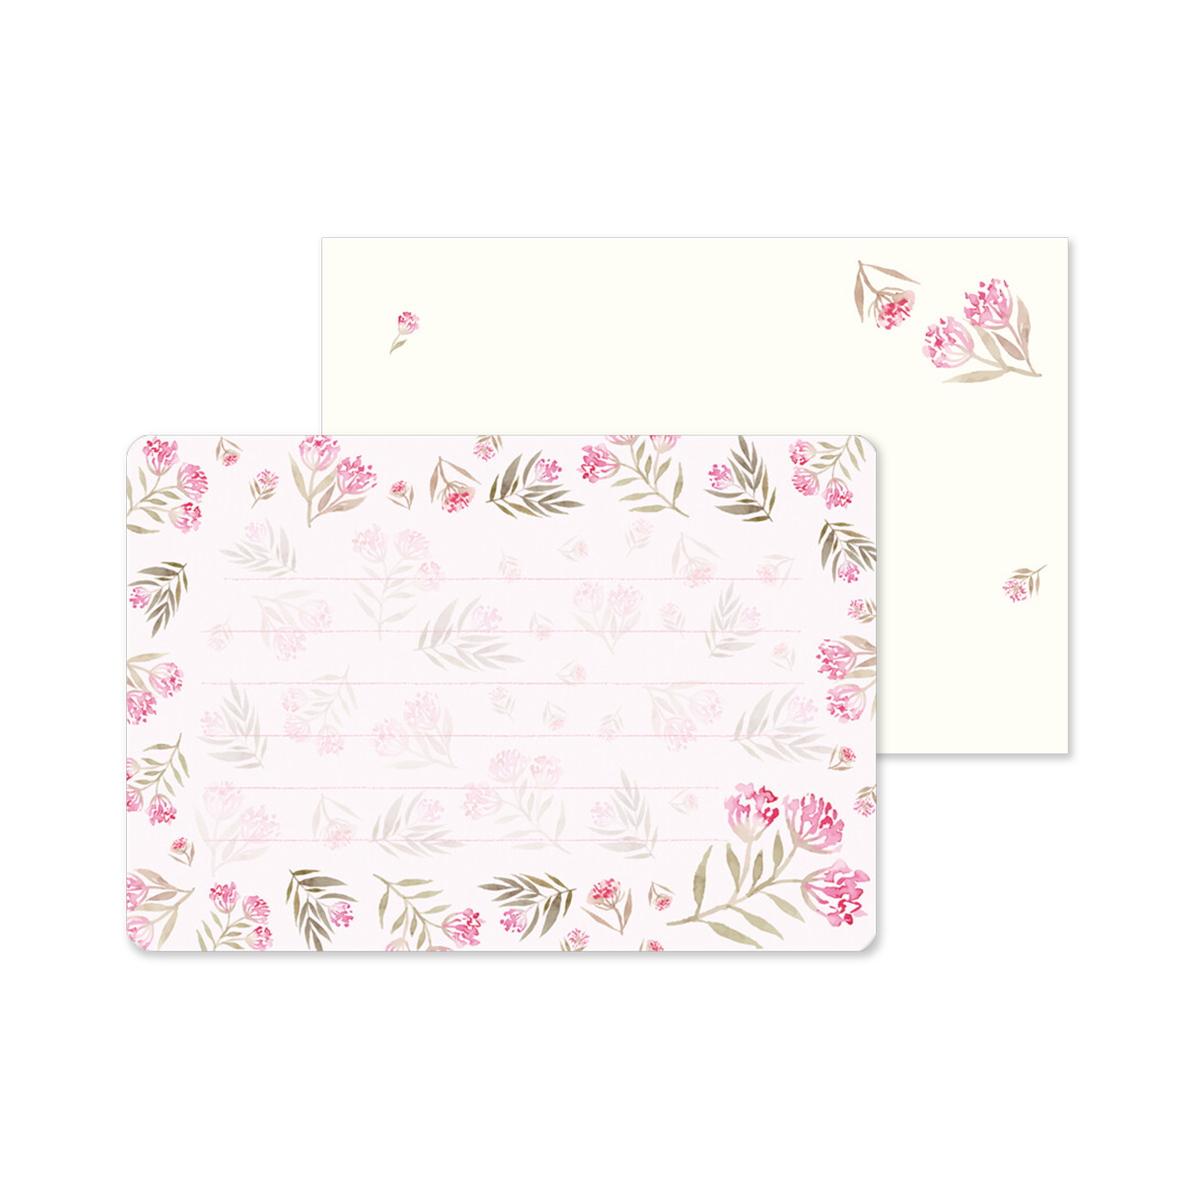 ミニレターセット ピンク小花|mls-129